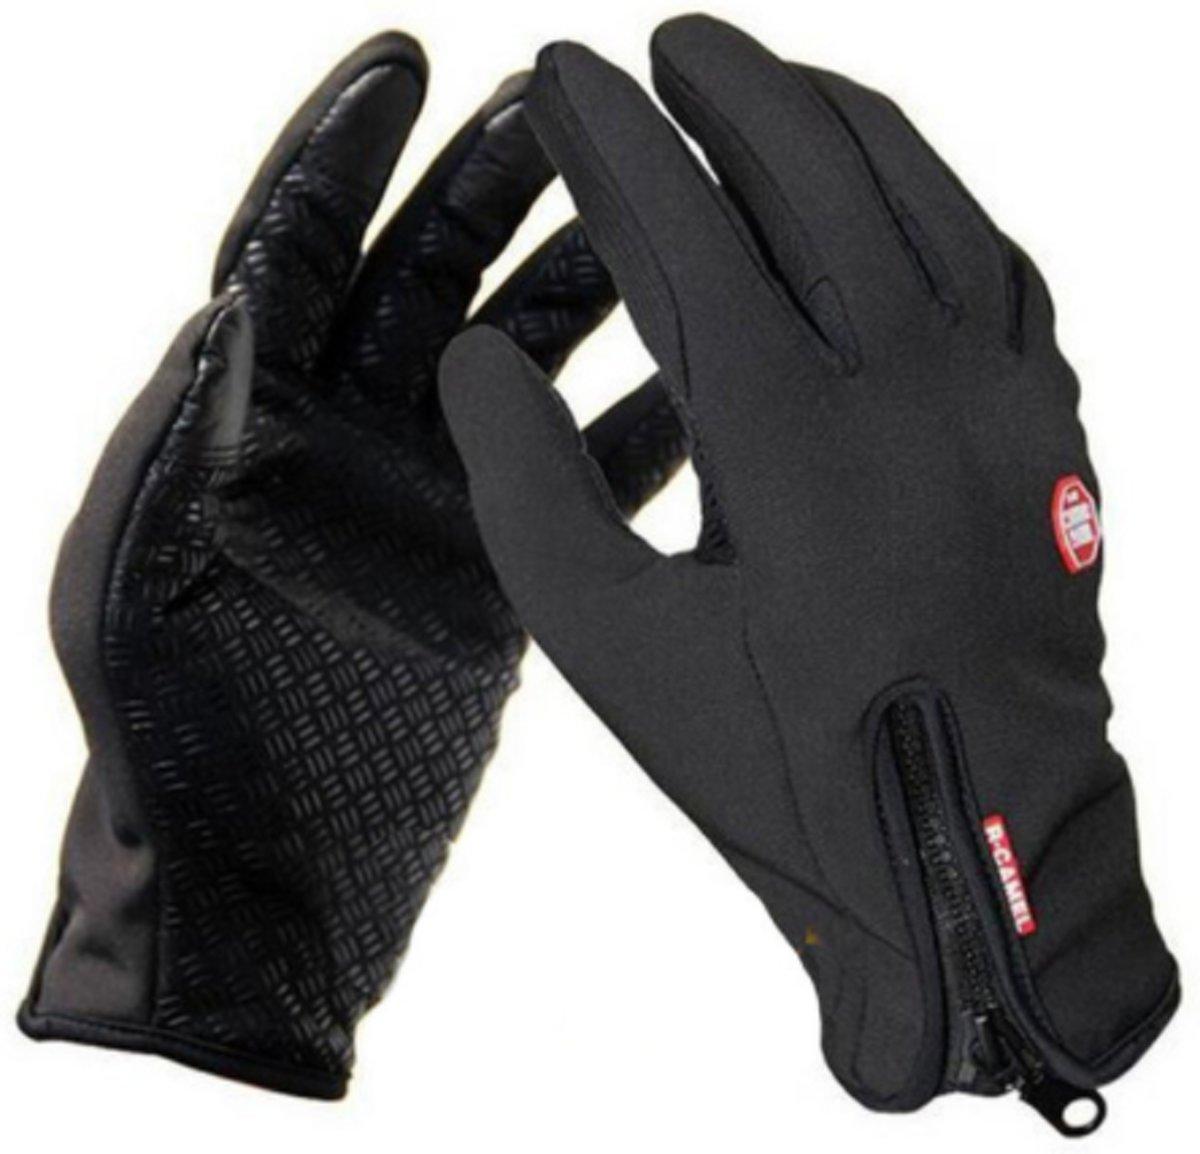 Neopreen Handschoenen M - Wintersport - Schaatsen - Snowboarden - Skiën - Wielrennen - Uniseks - Zwart - Medium